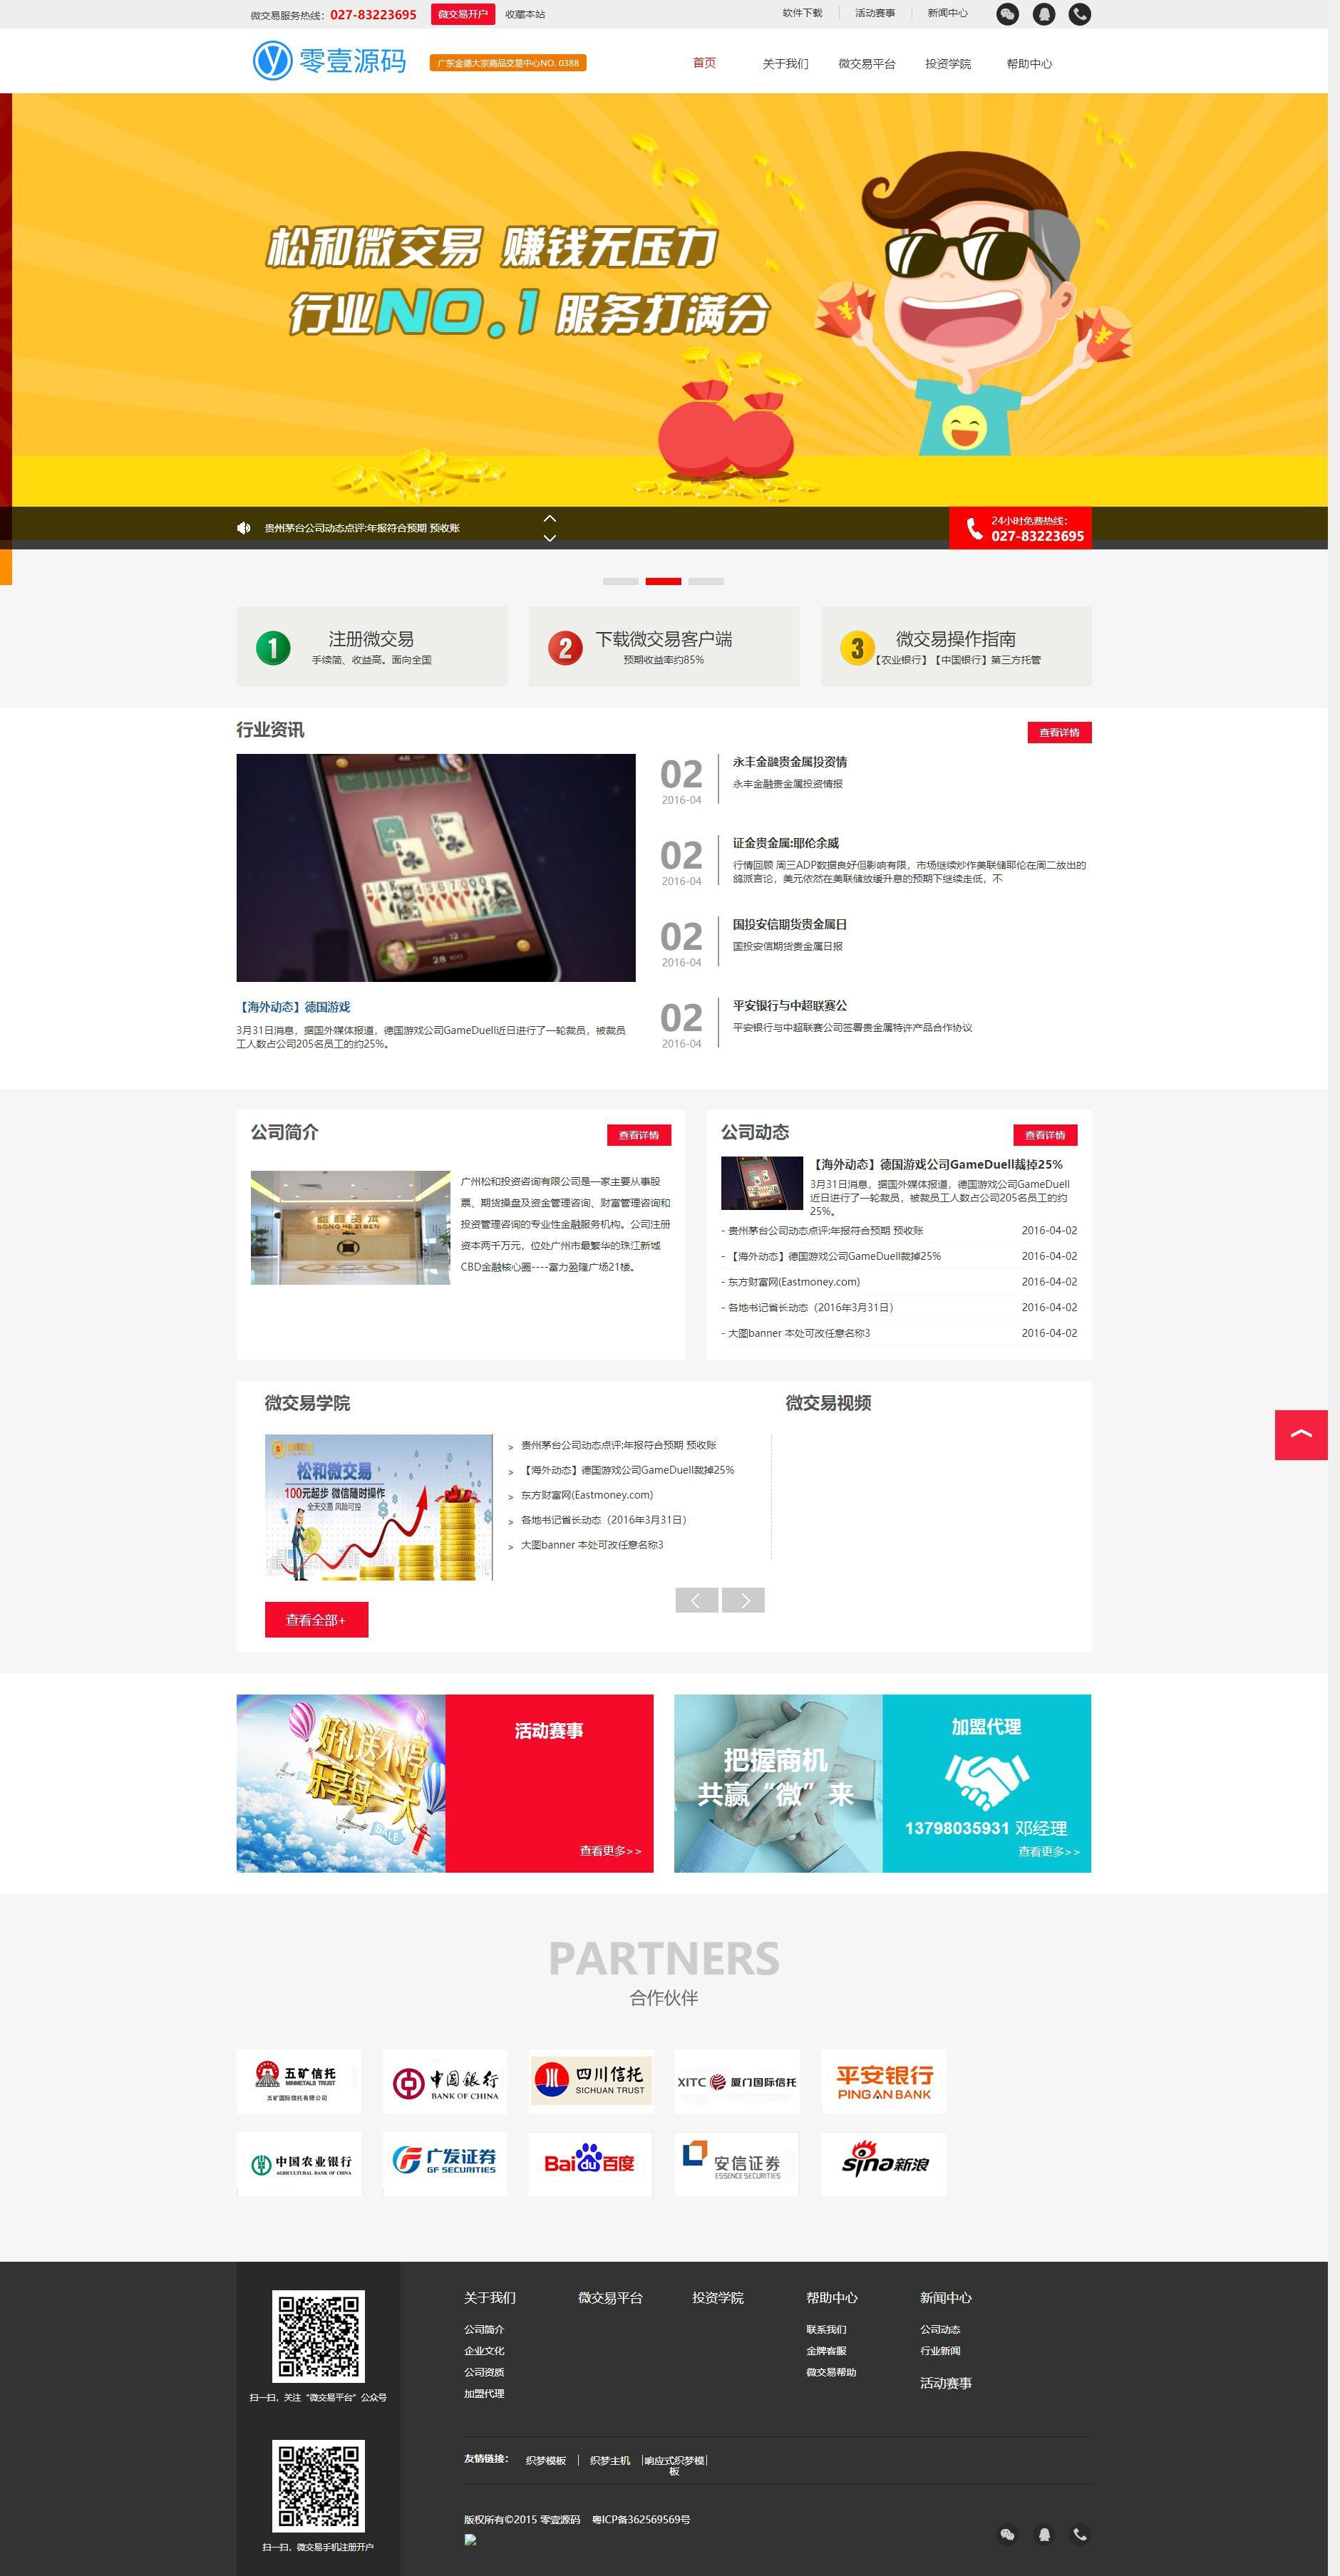 微交易平台贵金属大宗交易网站织梦dedecms模板